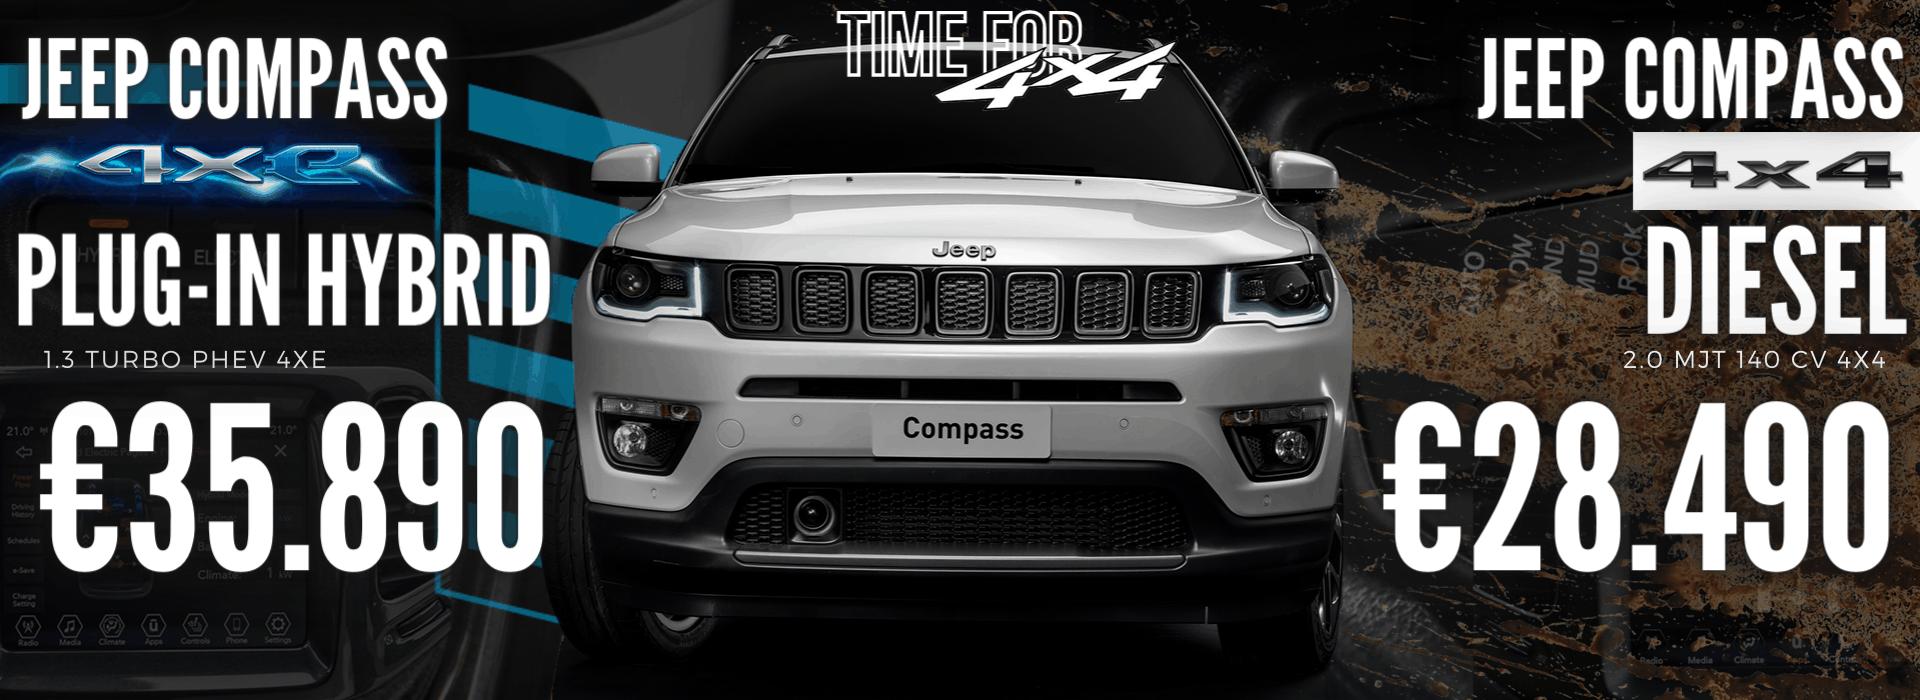 Jeep Compass 4x4 e 4xe